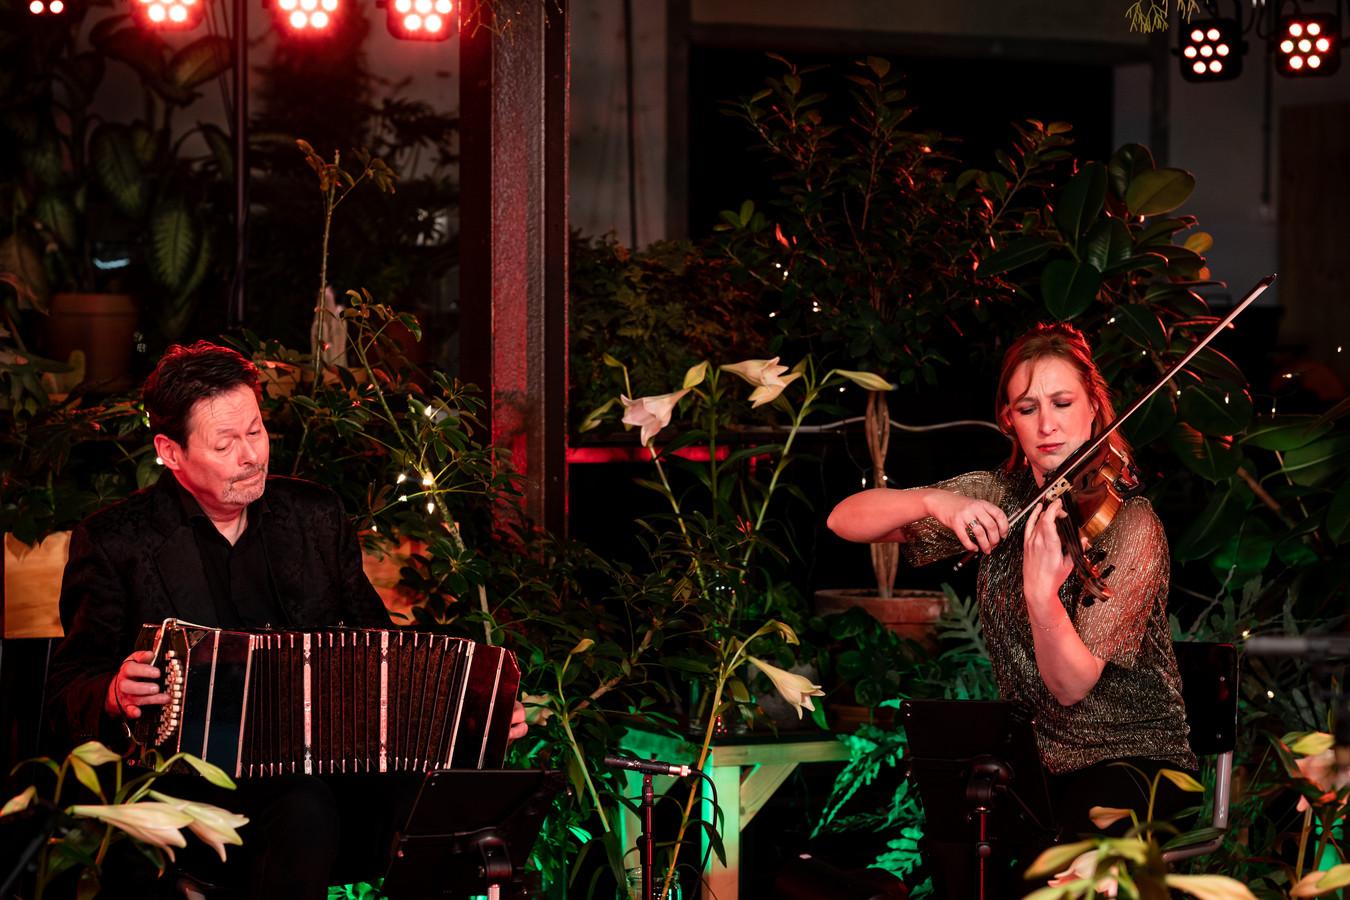 Bandonéonist Carel Kraayenhof treedt samen met het Matangi Quartet op in een online Play-it-forward-kerstconcert. Rechts violiste Maria-Paula Majoor.